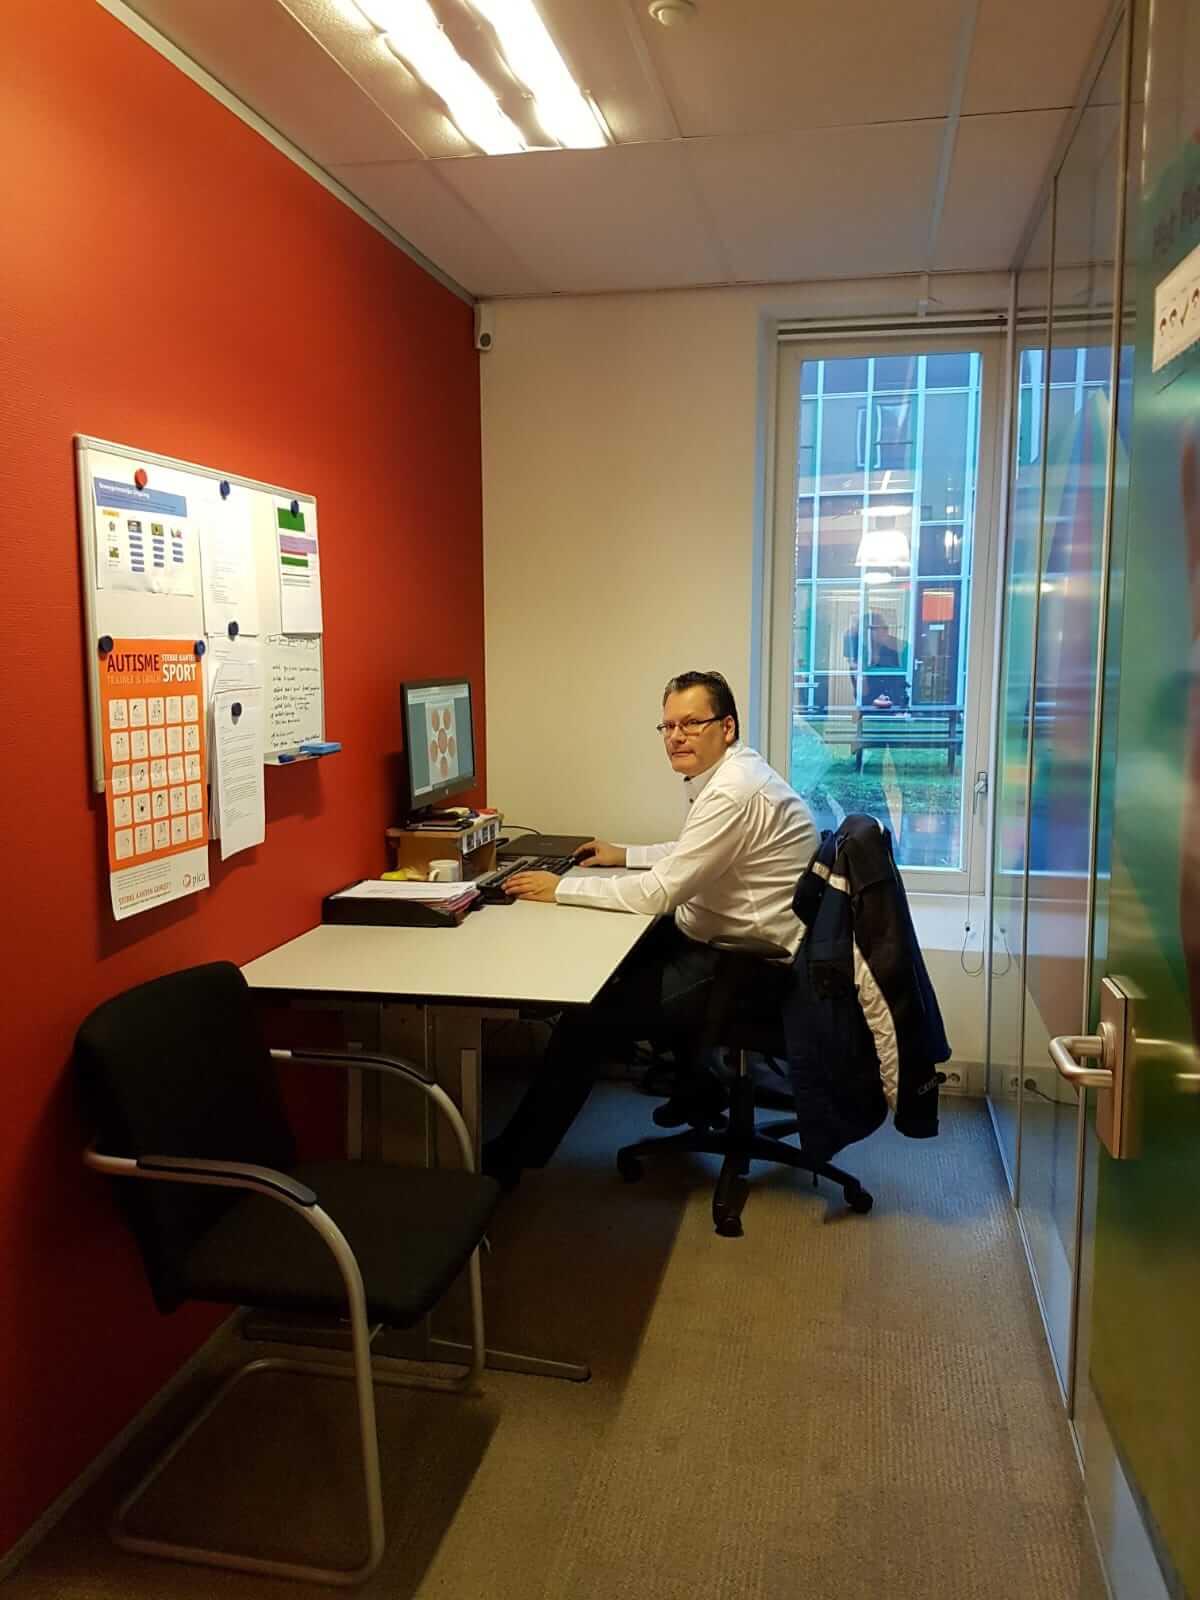 man achter zijn bureau op kantoor